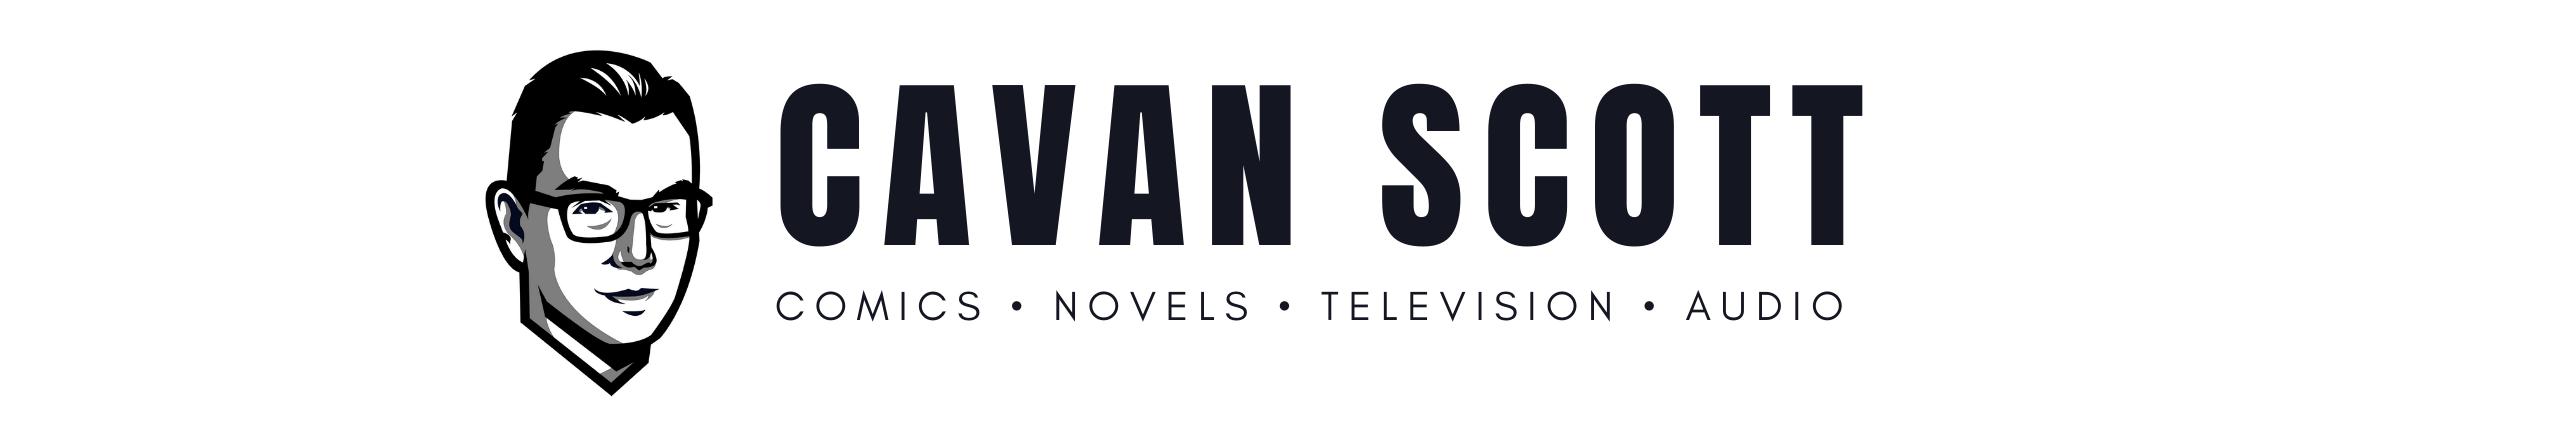 Cavan Scott